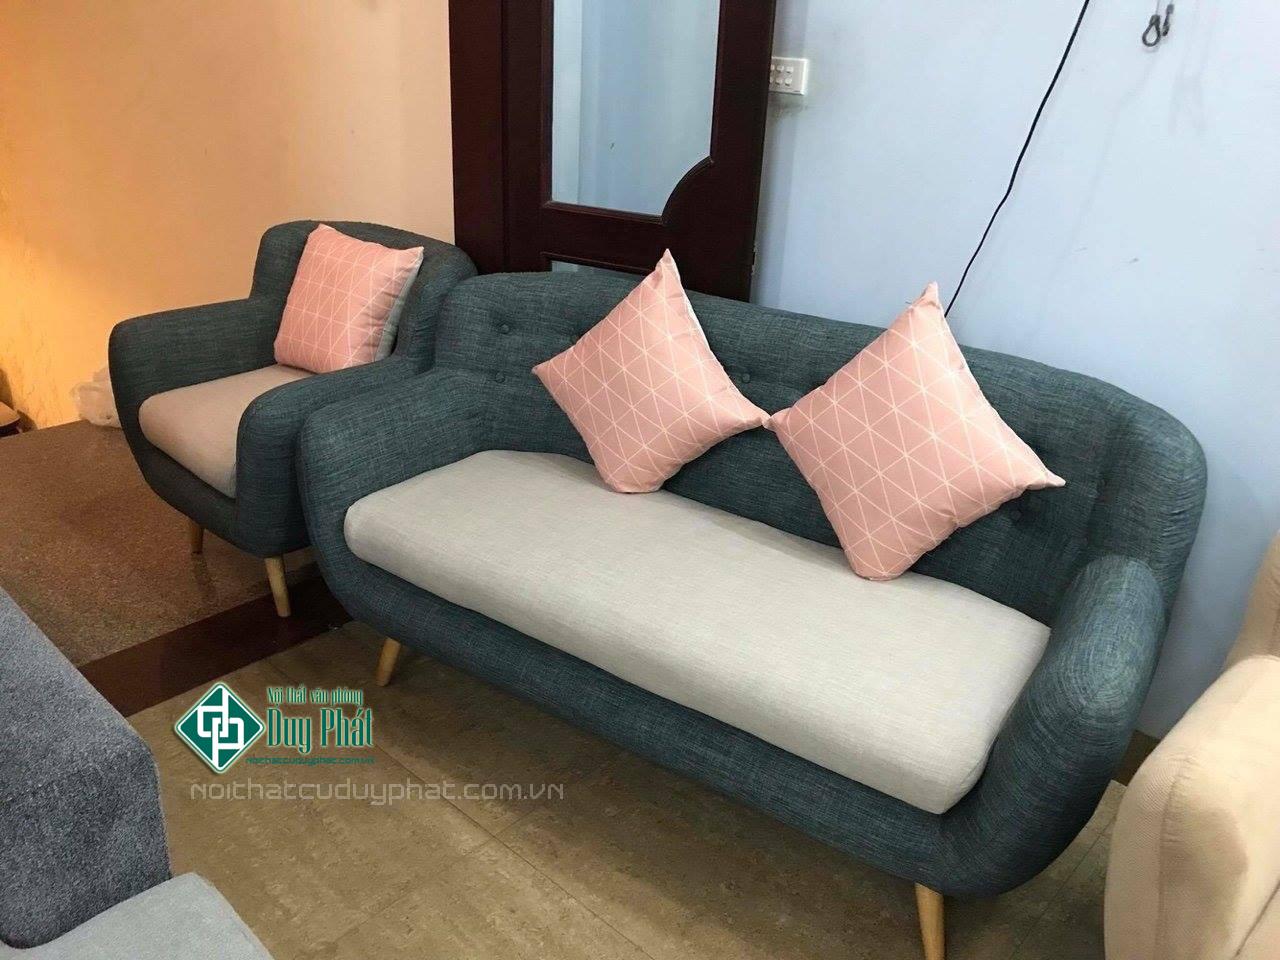 Nội Thất Duy Phát - Địa chỉ thu mua ghế sofa cũ giá cao